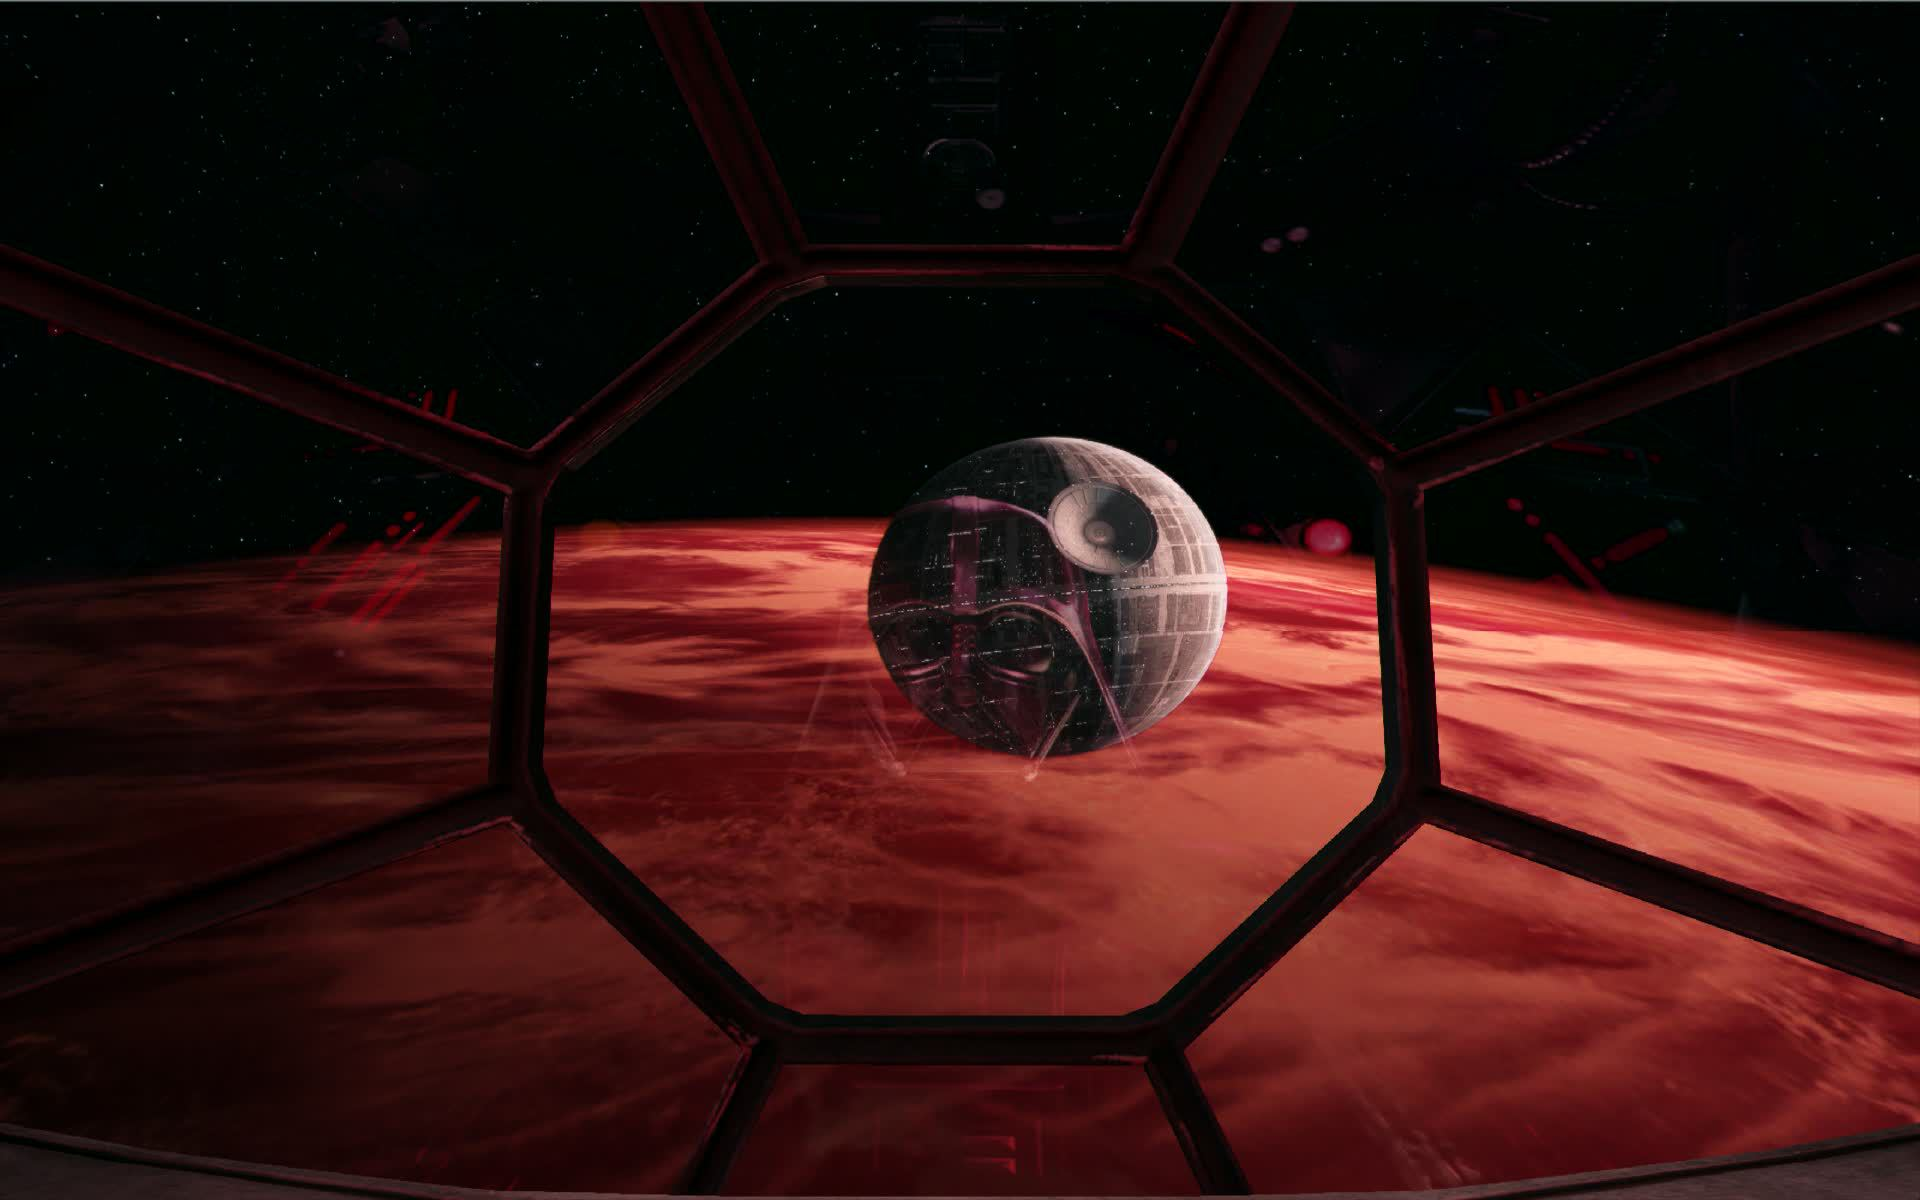 Star wars battleground 2